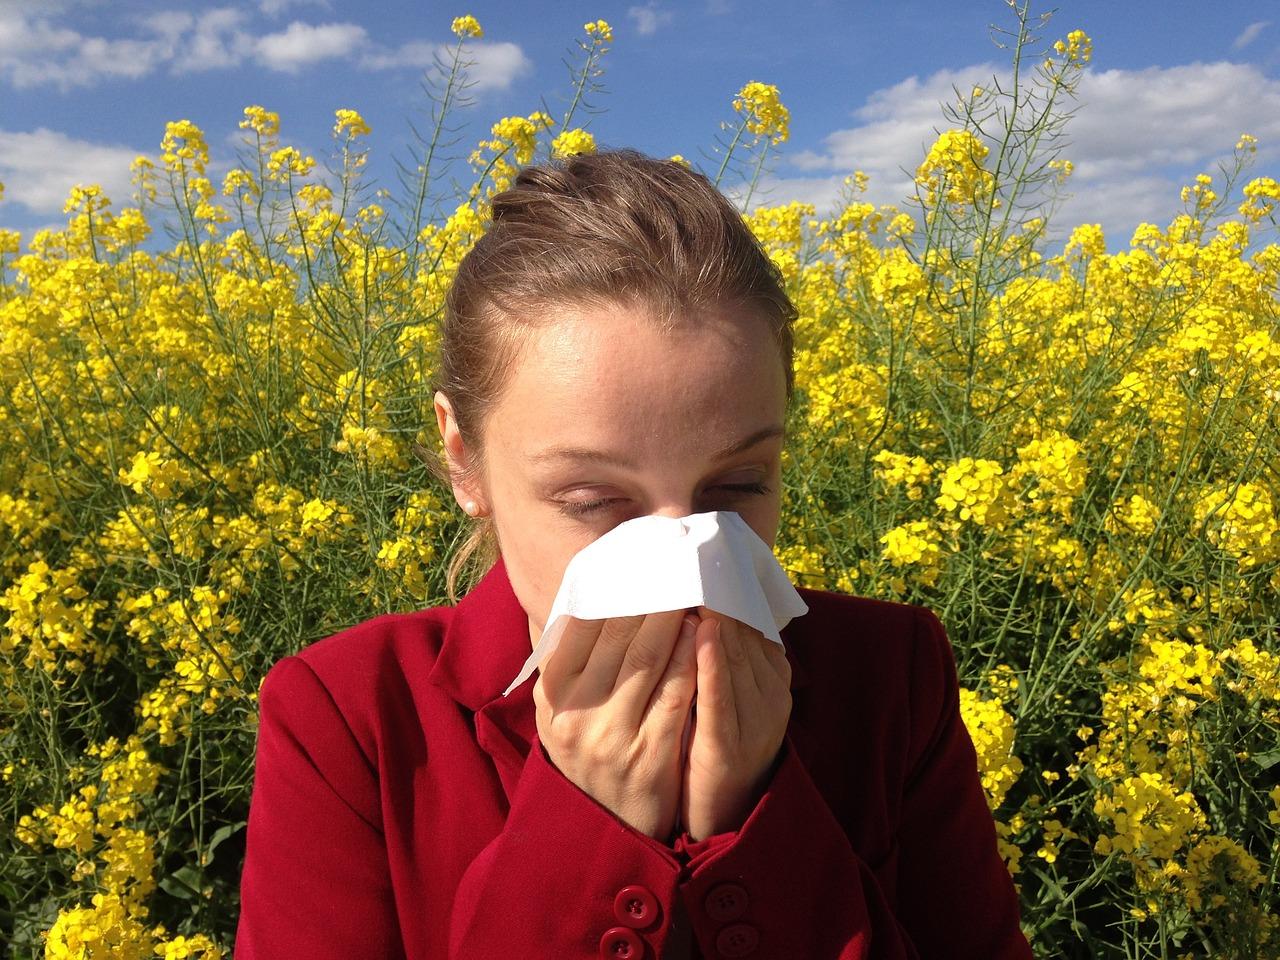 Globális felmérés készült a klímaváltozás és a pollenkoncentráció összefüggéséről